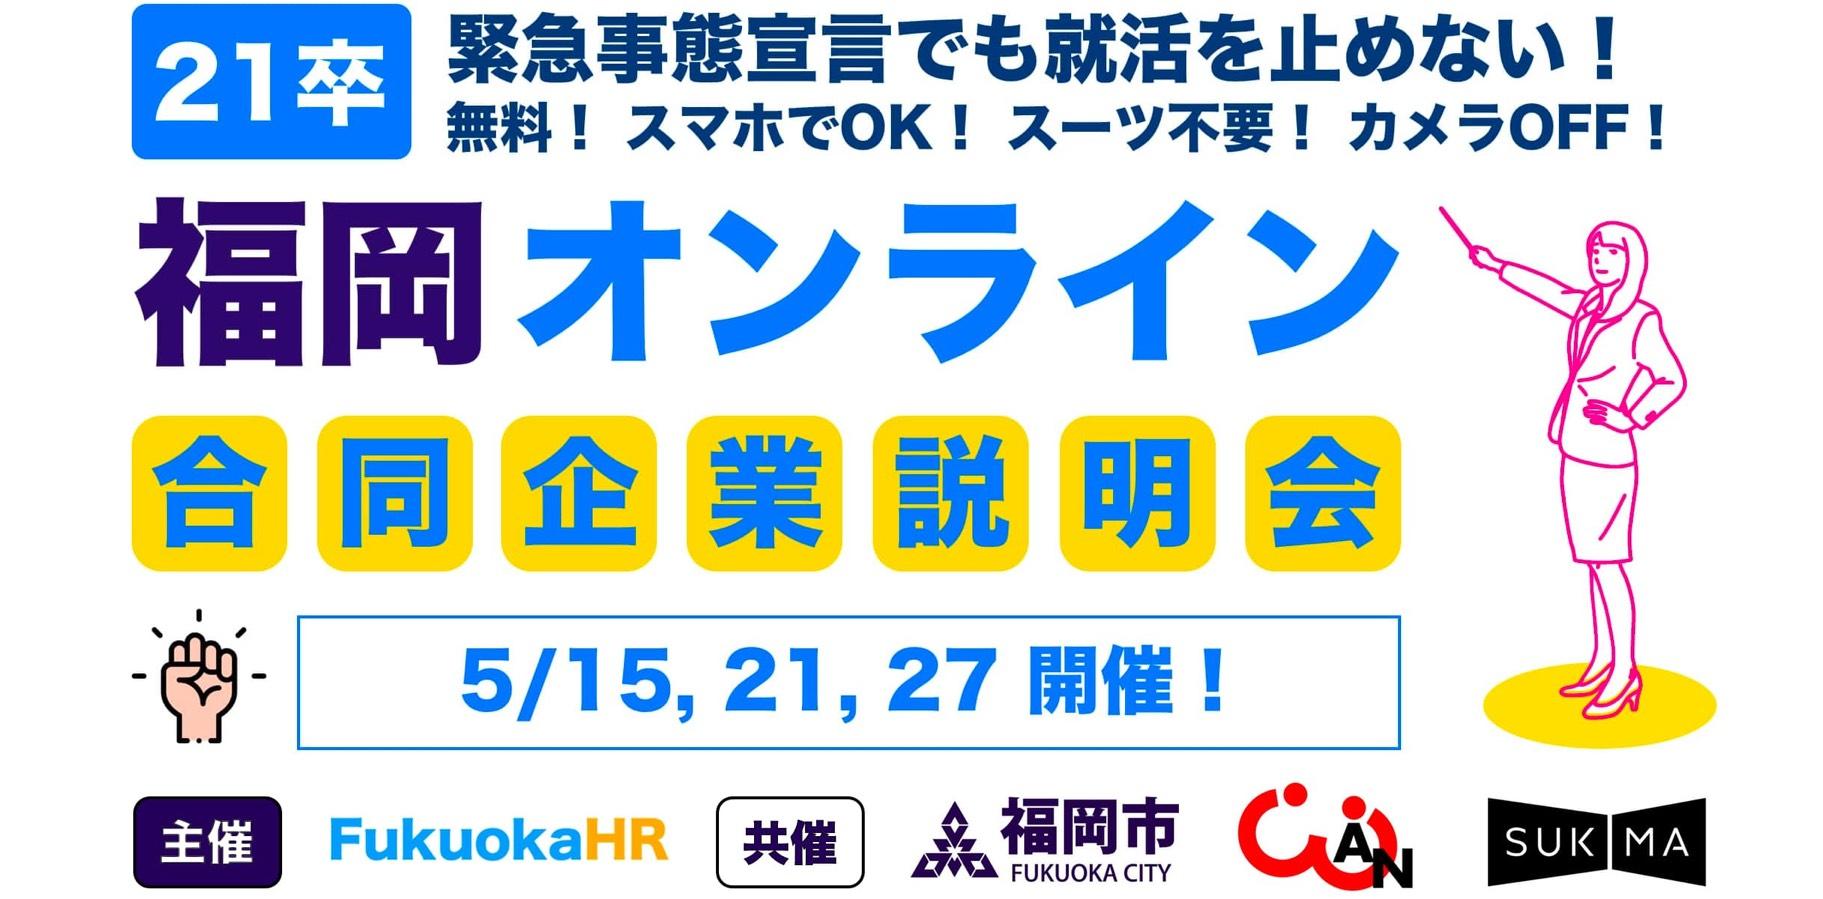 【21卒】福岡オンライン合同企業説明会